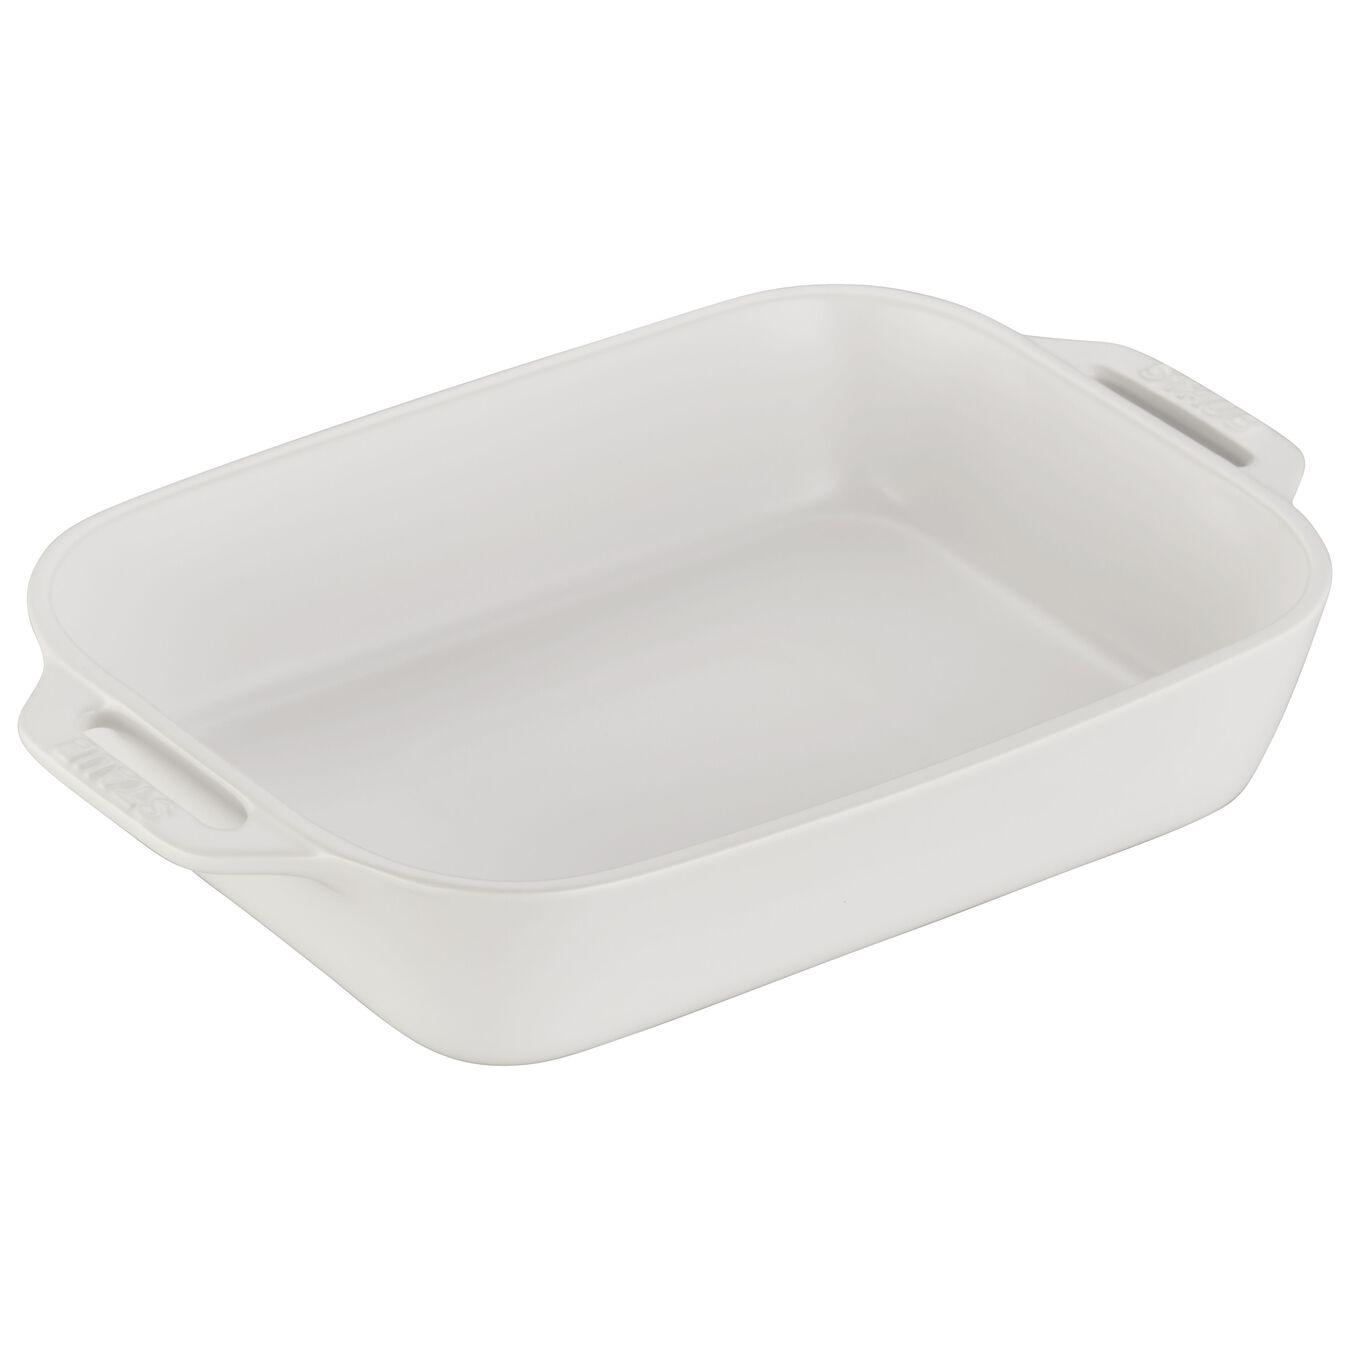 10.5-inch x 7.5-inch Rectangular Baking Dish - Matte White,,large 1